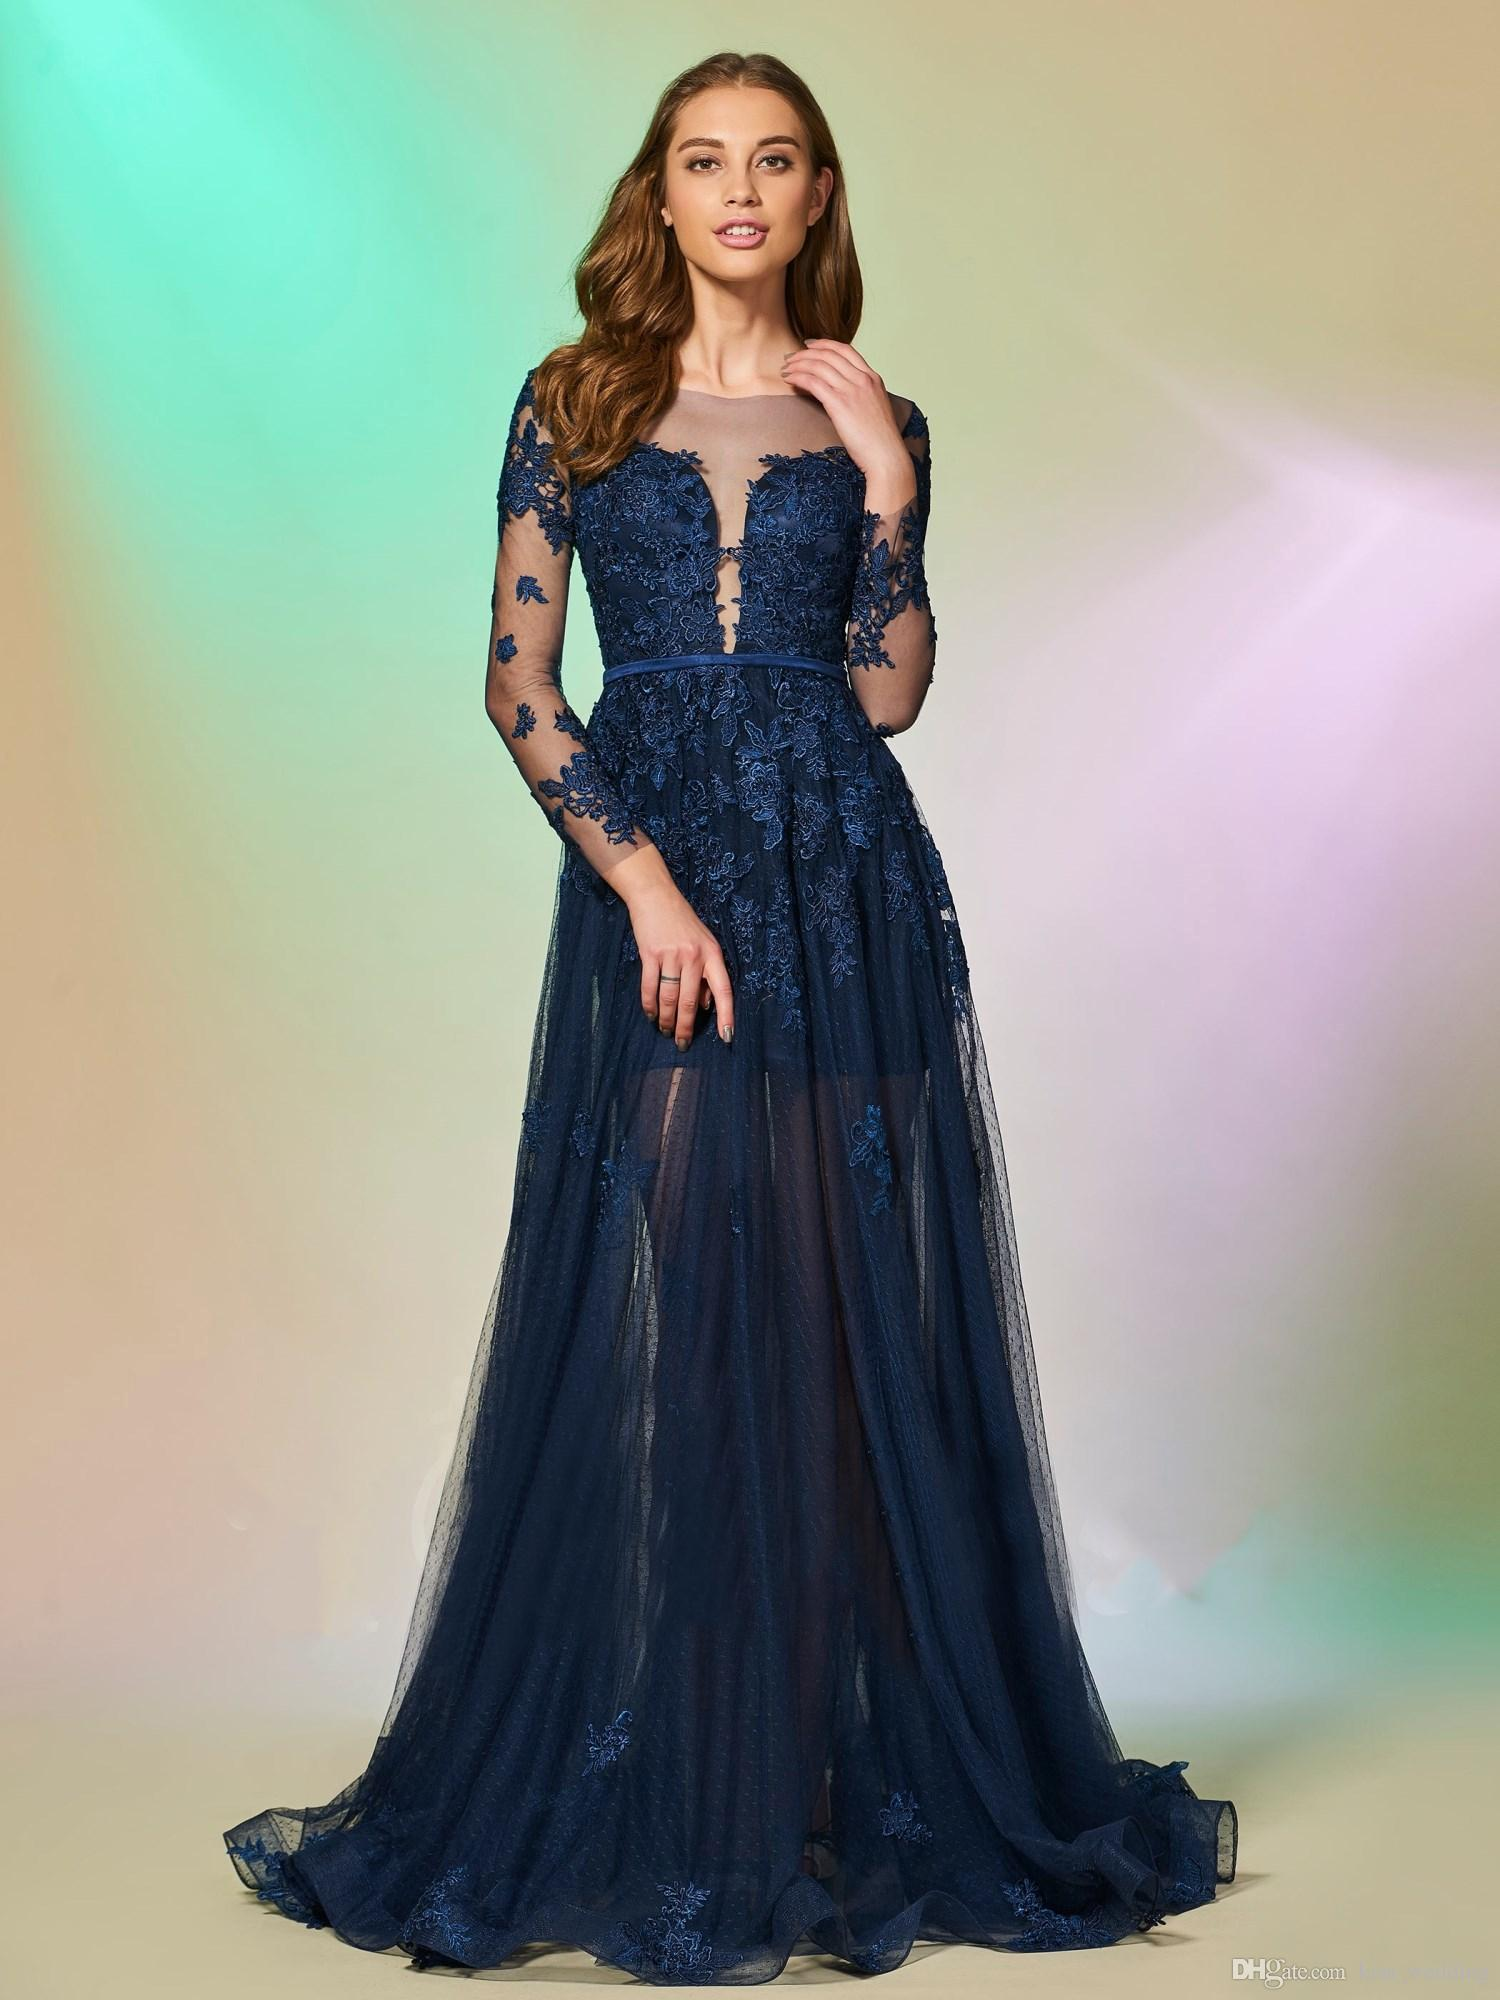 a22ccdb15 Compre 2018 Sexy Illusion Vestido De Noche A Line Azul Oscuro Sheer Escote  Fiesta Vestidos De Baile Vestidos Formales Mangas Largo Más Tamaño A   124.74 Del ...